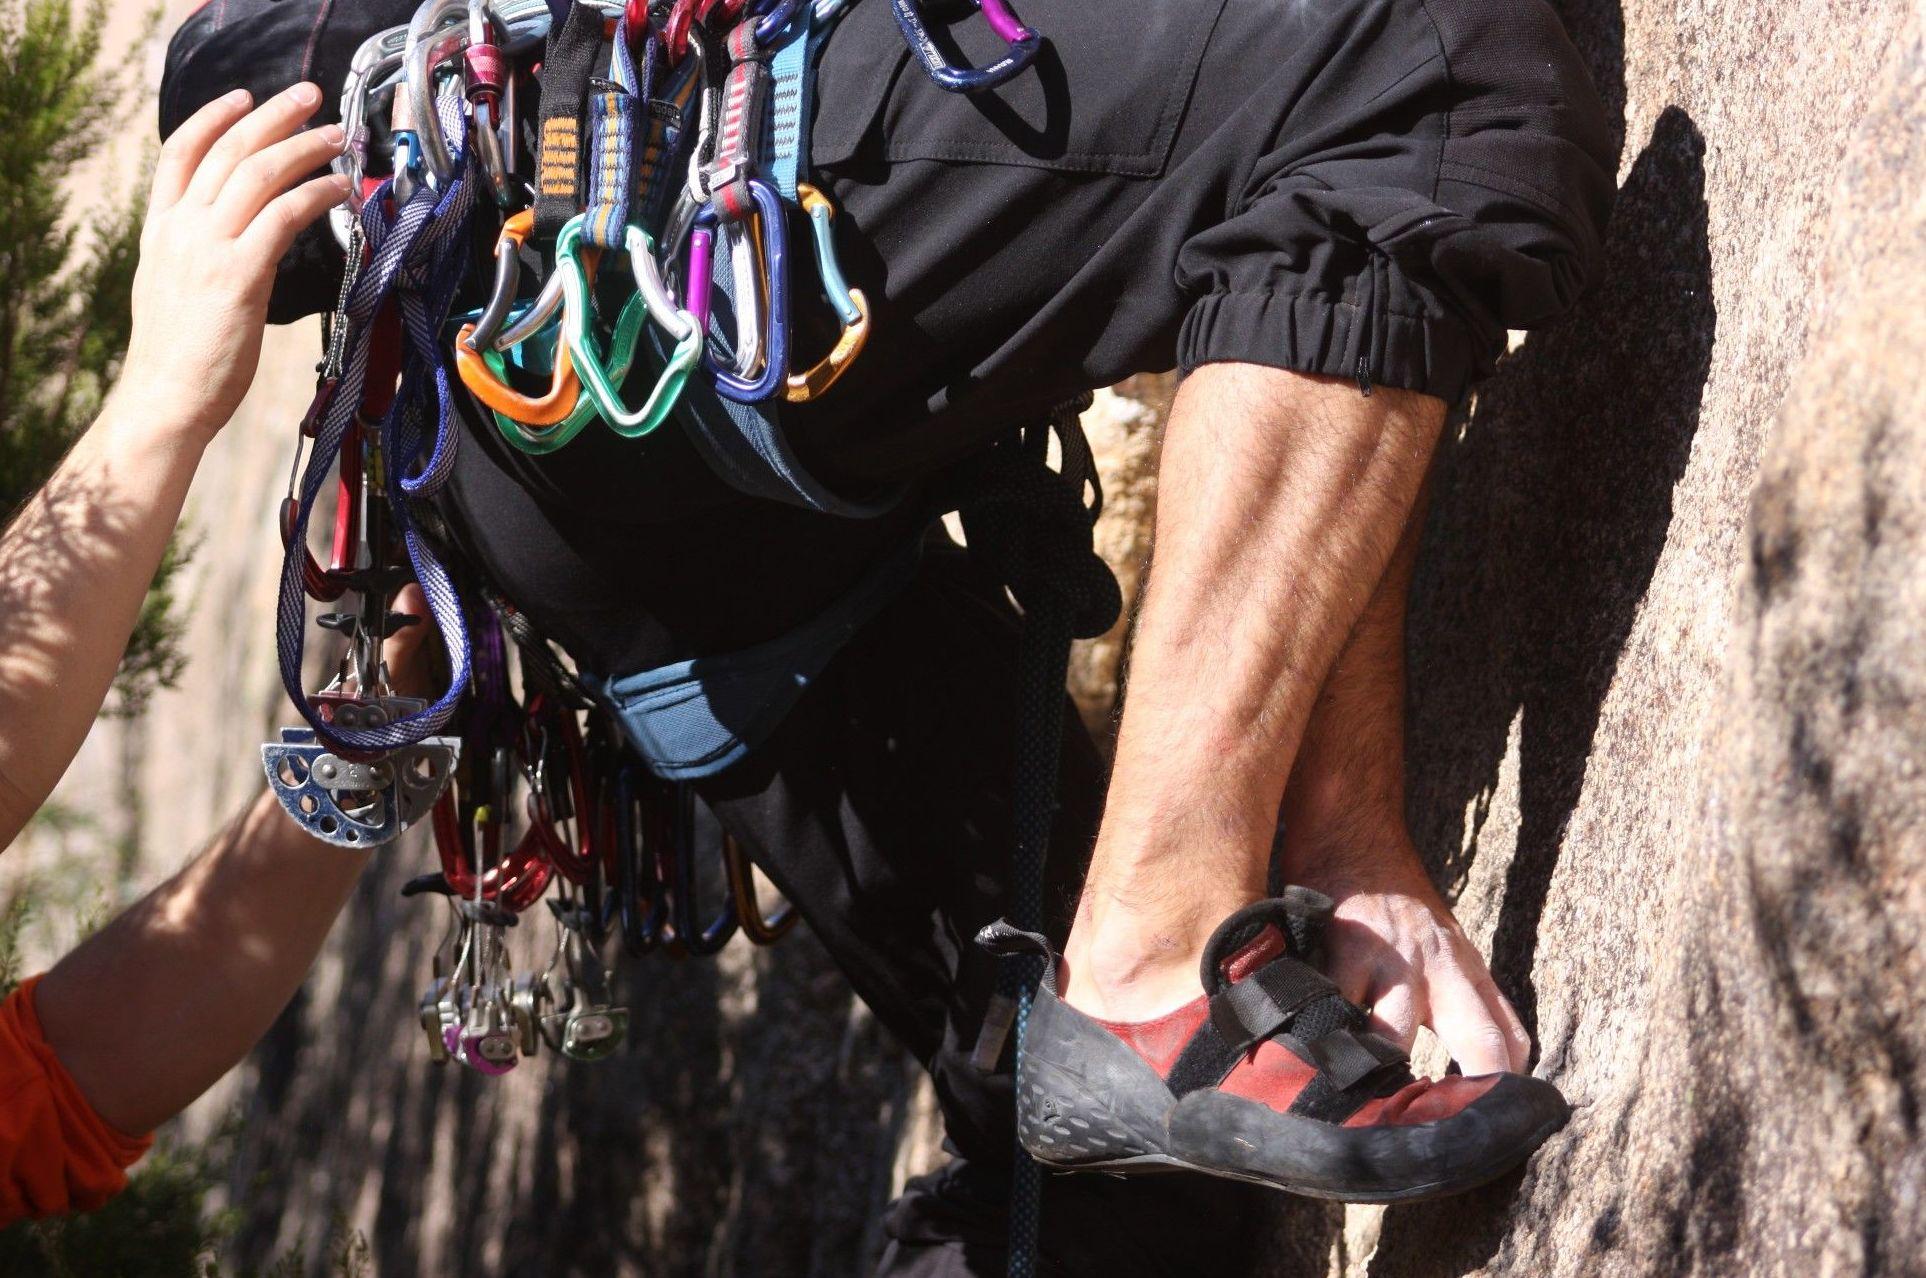 Alquiler de equipo de escalada: Qué te ofrecemos de UP Escuela de Escalada